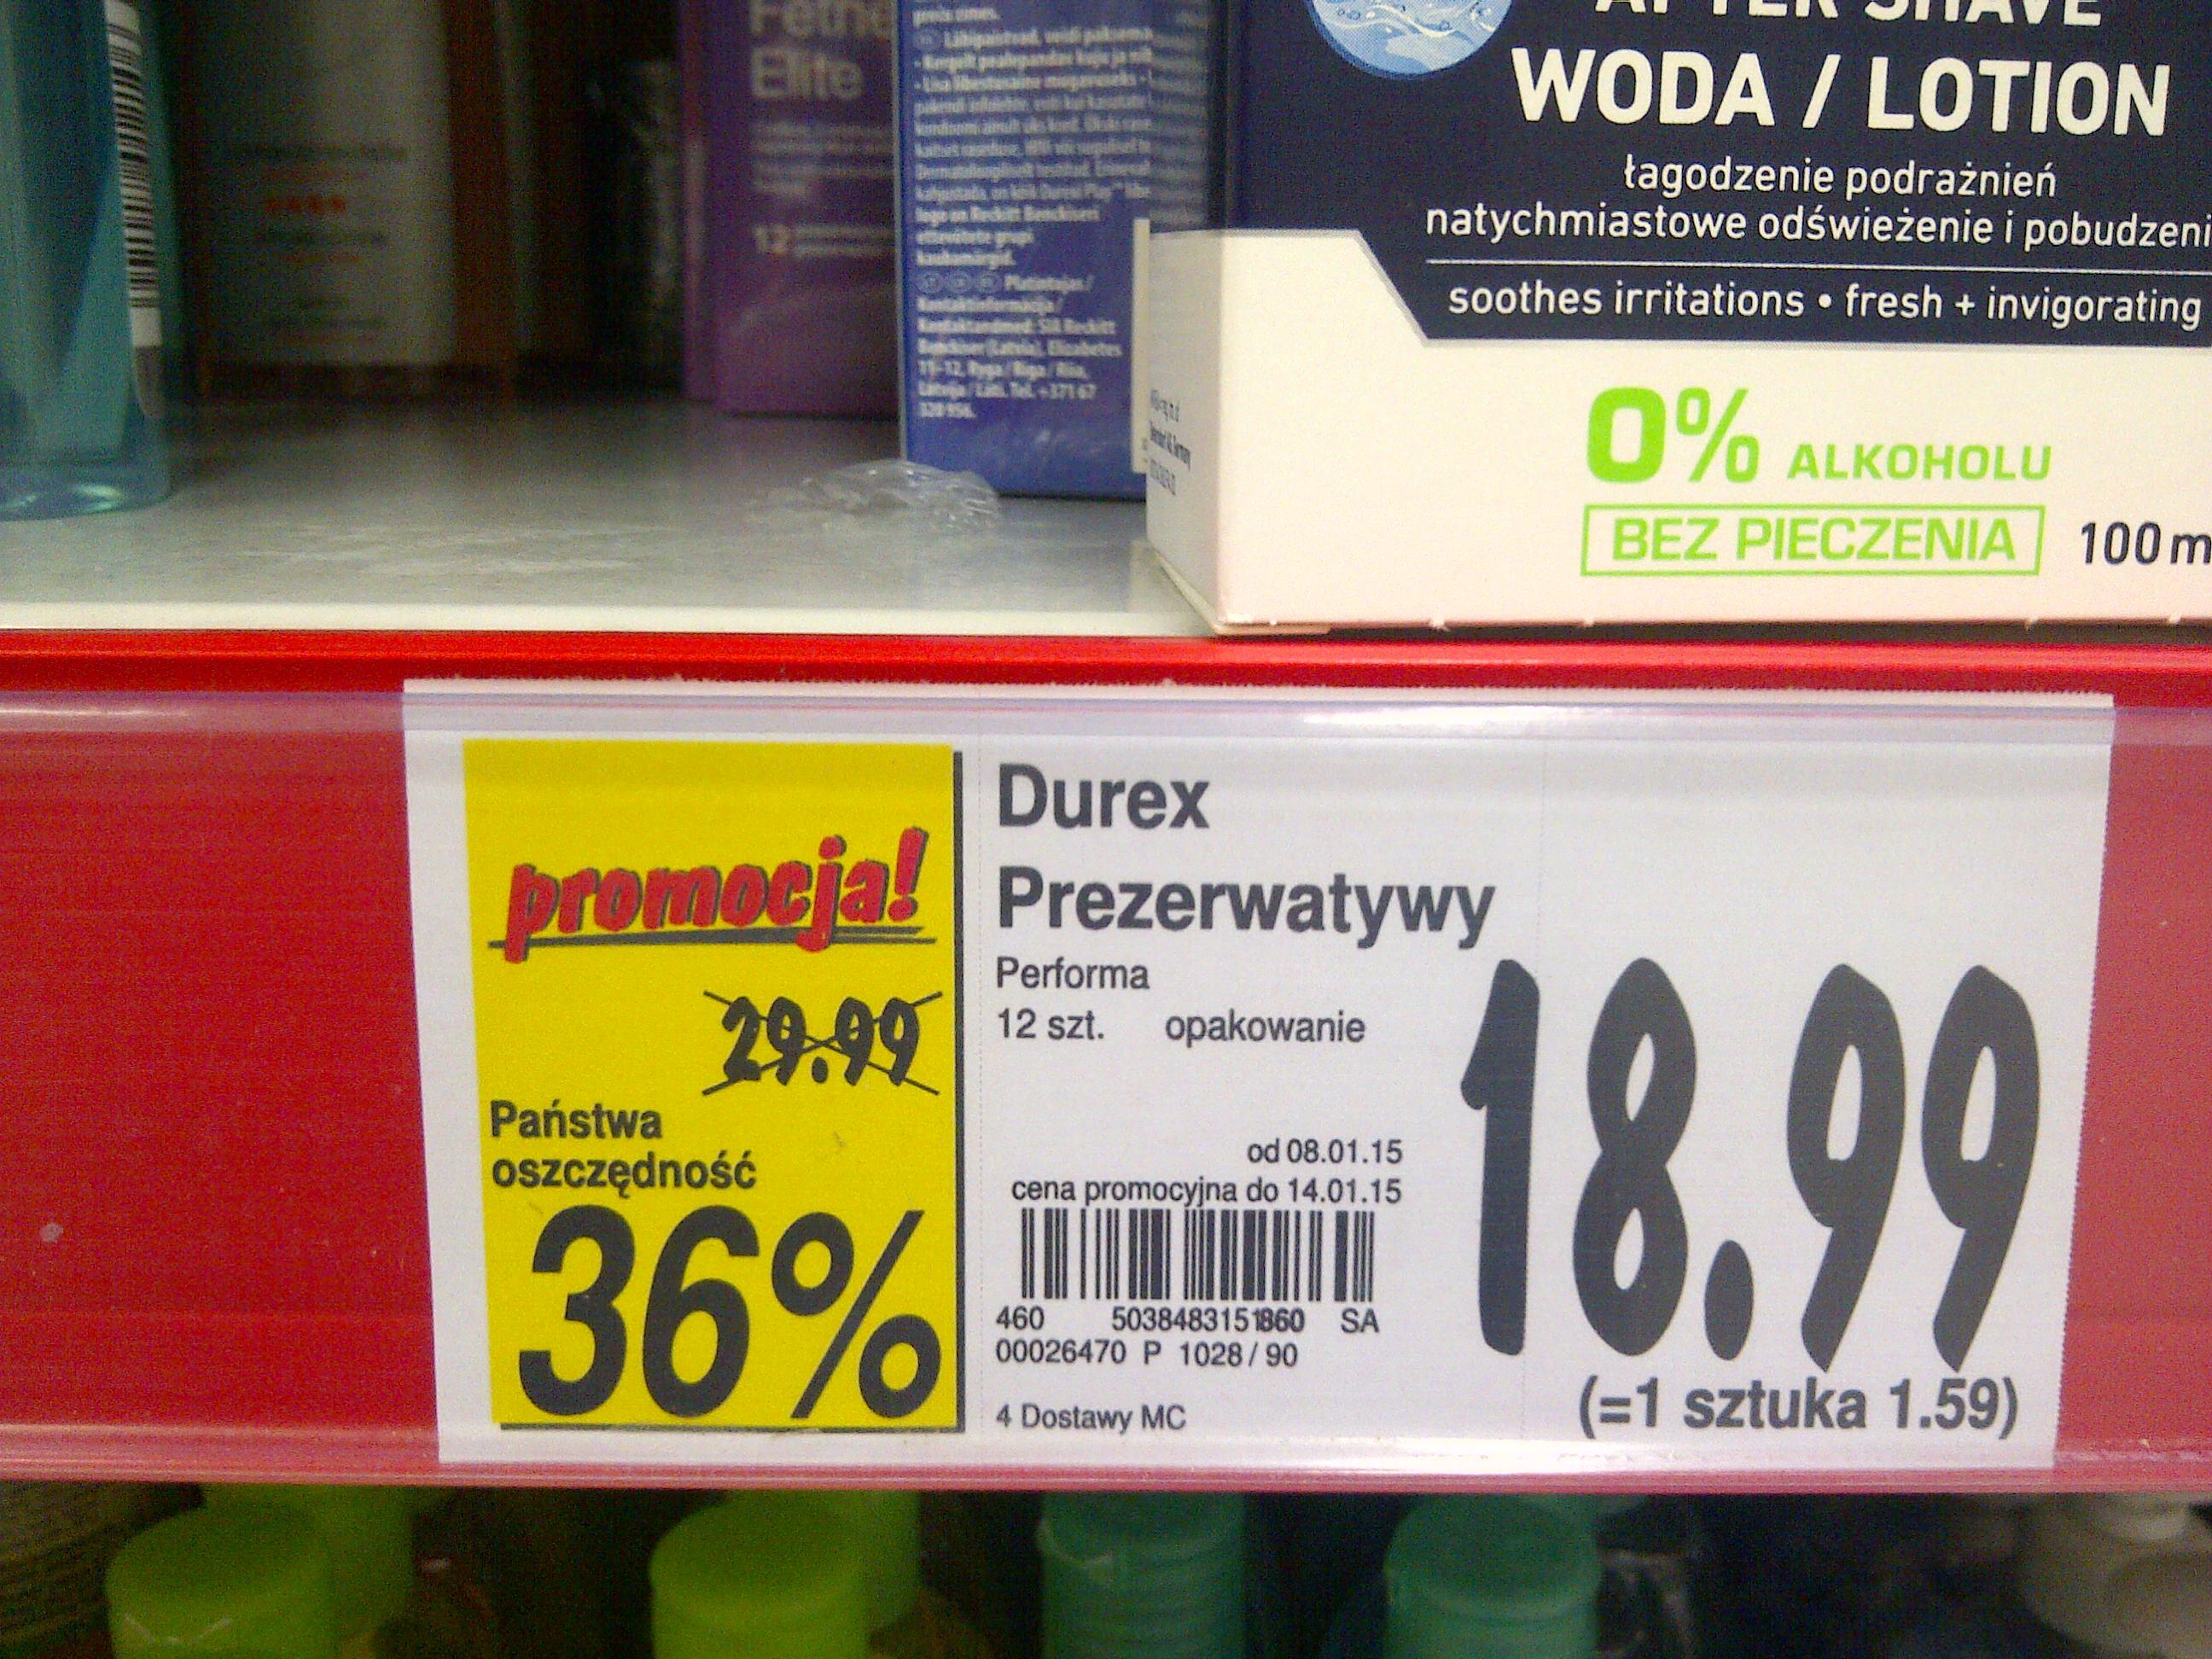 Prezerwatywy Durex 12 sztuk za 18,99 zł @ Kaufland